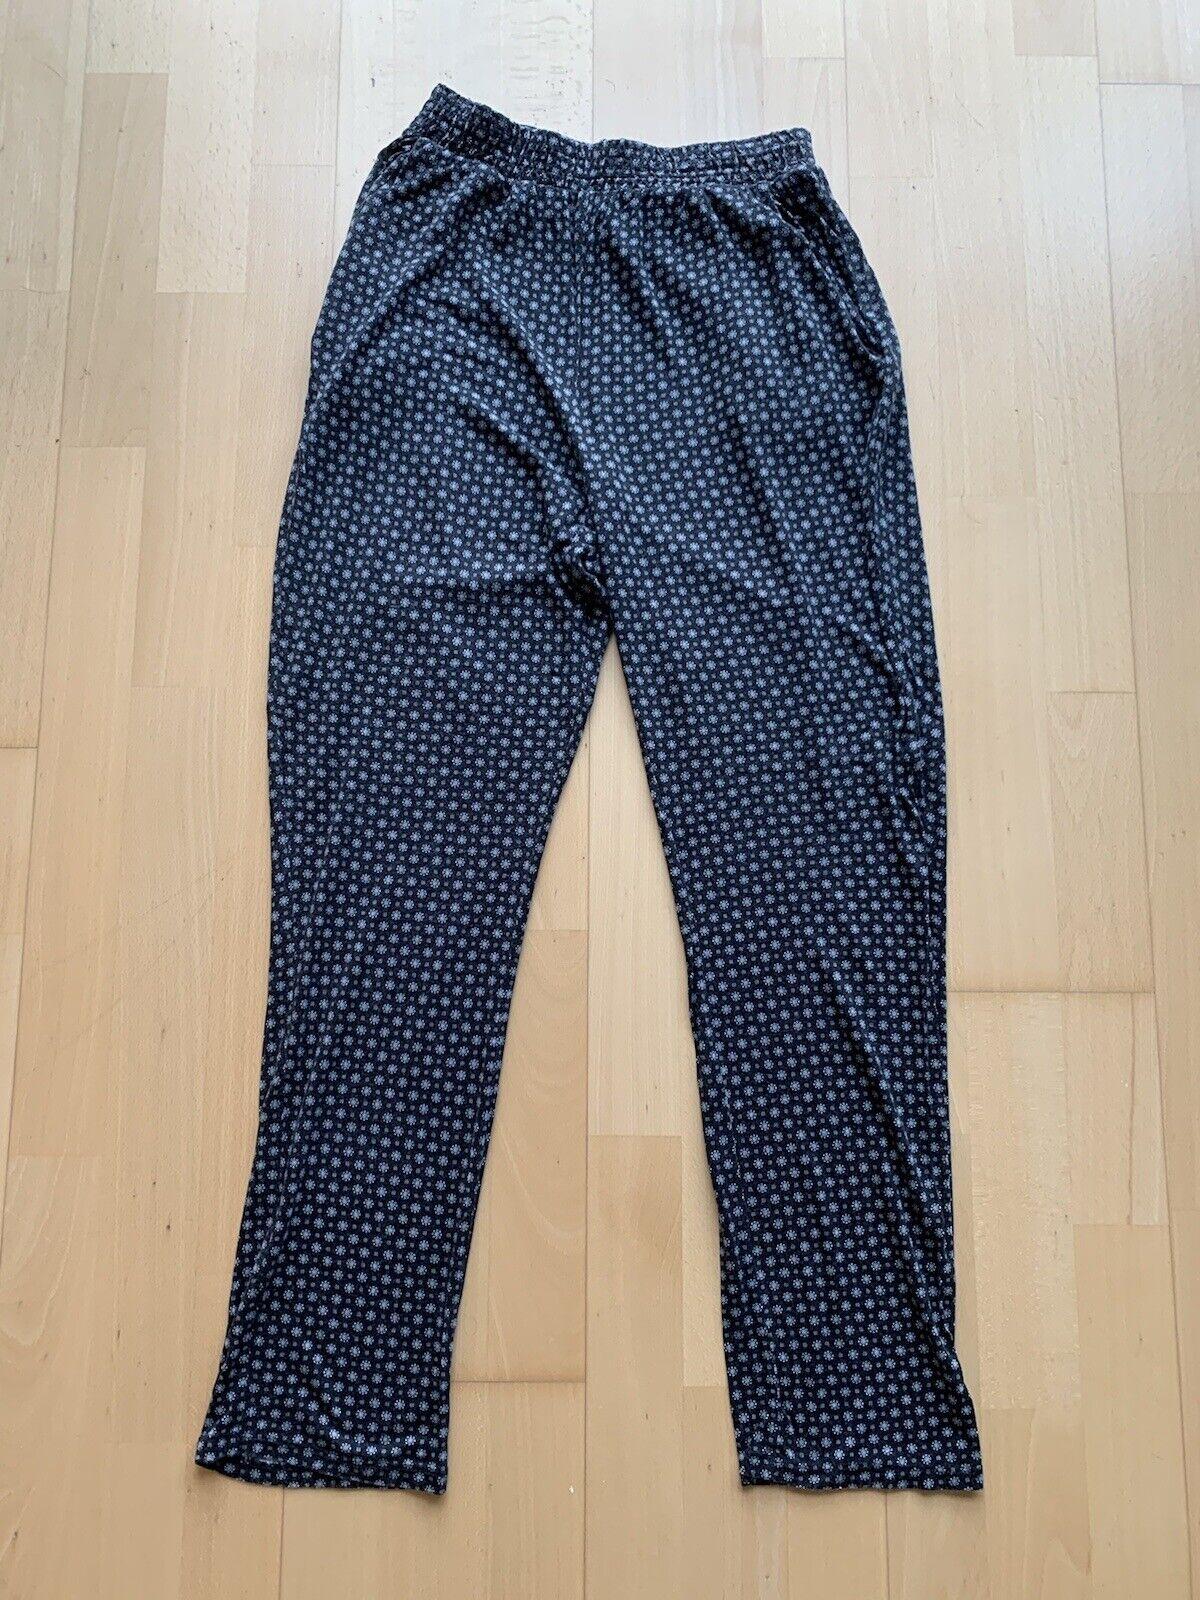 ❤️ H&M ❤️ Damen Hose ❤️ In Dunkelblau ❤️ Gr S ❤️